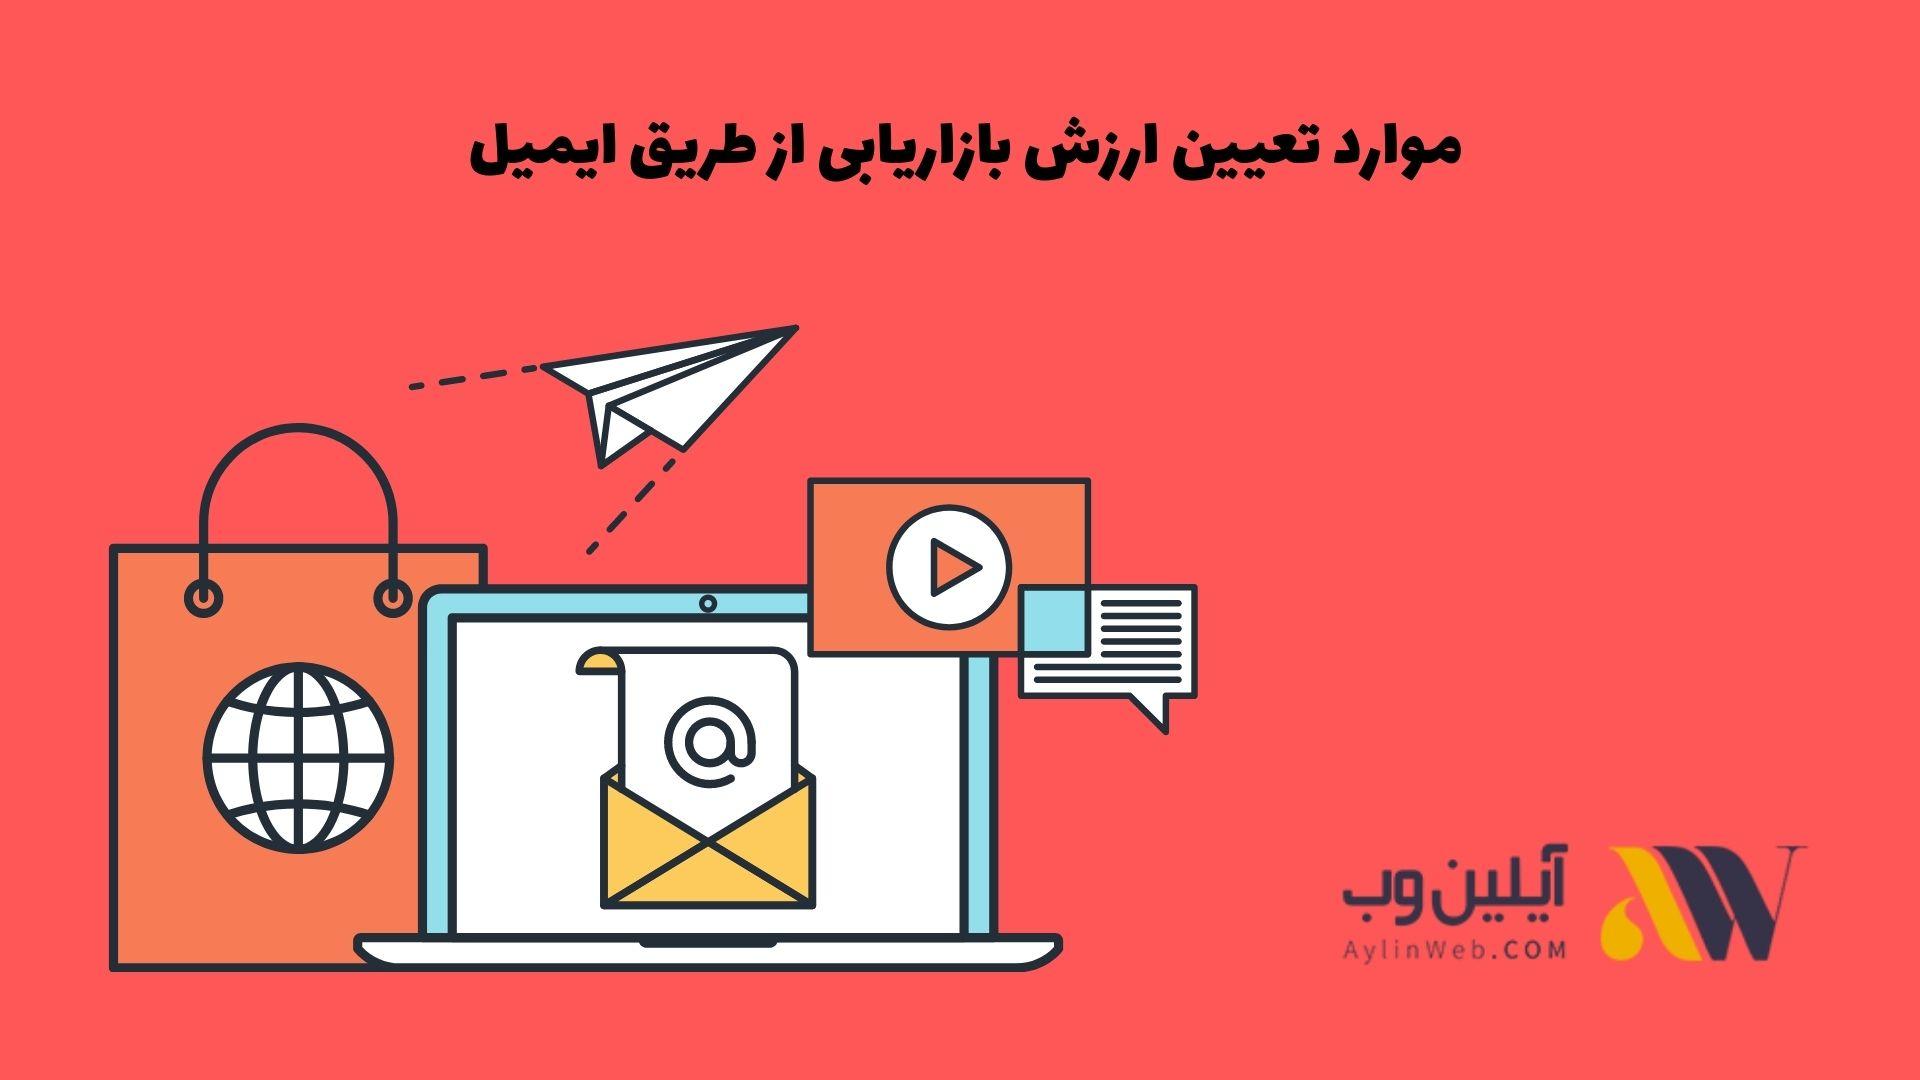 موارد تعیین ارزش بازاریابی از طریق ایمیل